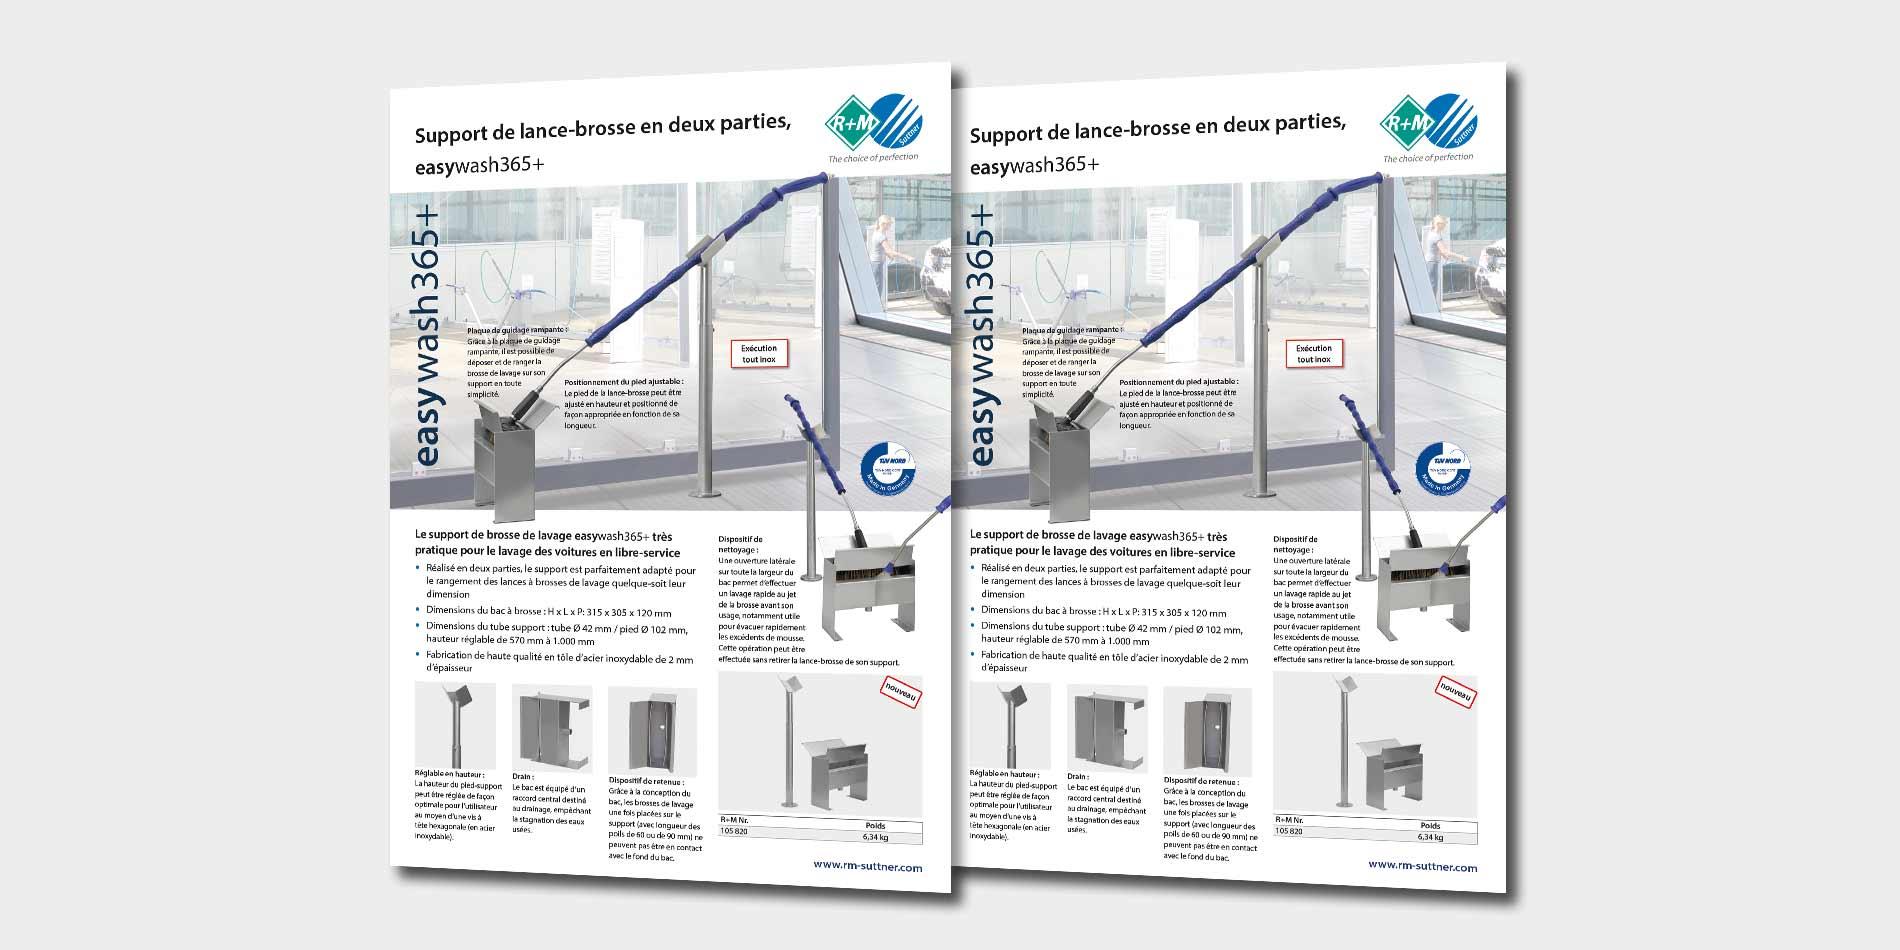 Support de lance-brosse en deux parties, easywash365+